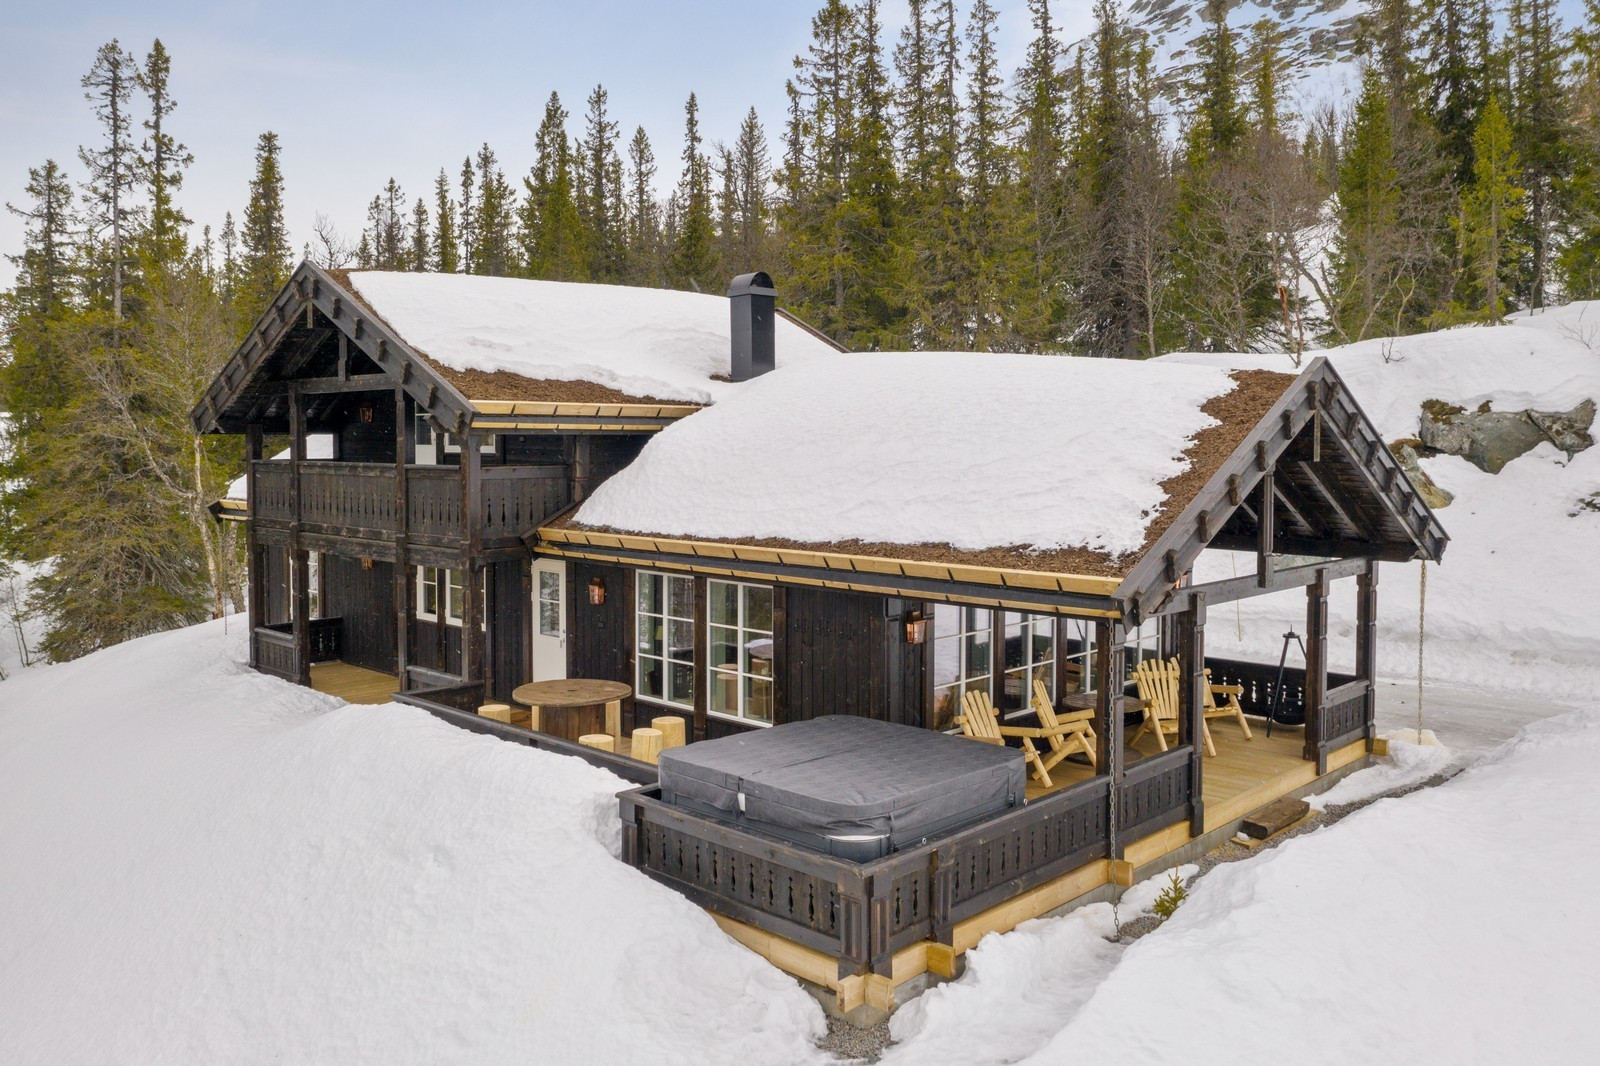 Eksempel på en kundetilpasset Storodde hytte bygget for en kunde av oss. Hytten har ulike tilpasninger og tilvalg